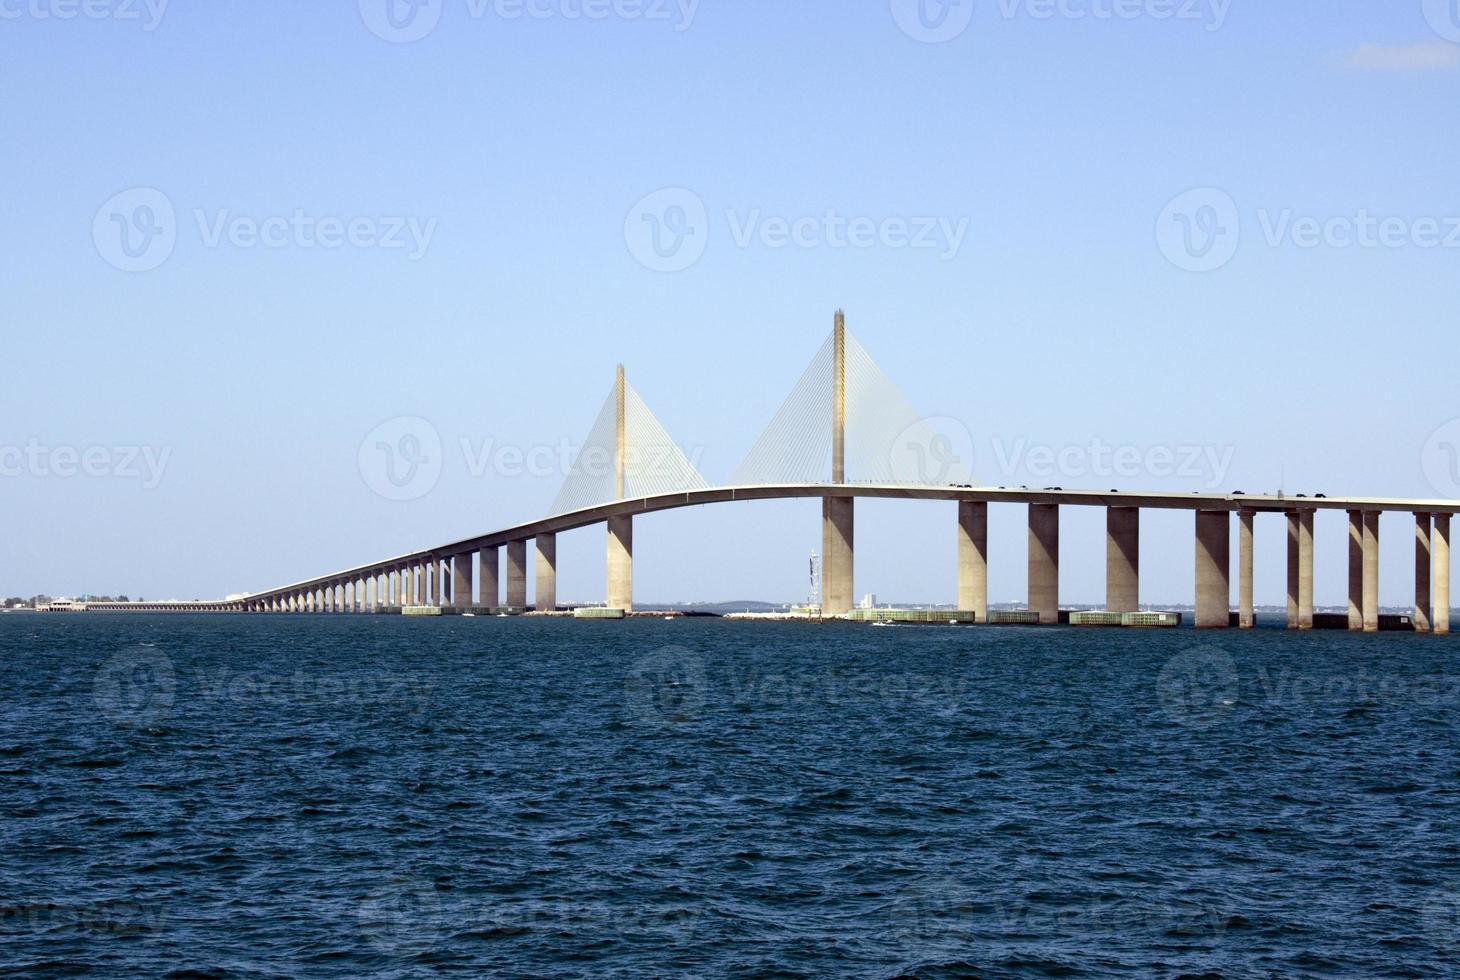 luz do sol sobre a ponte skyway através do mar azul profundo foto